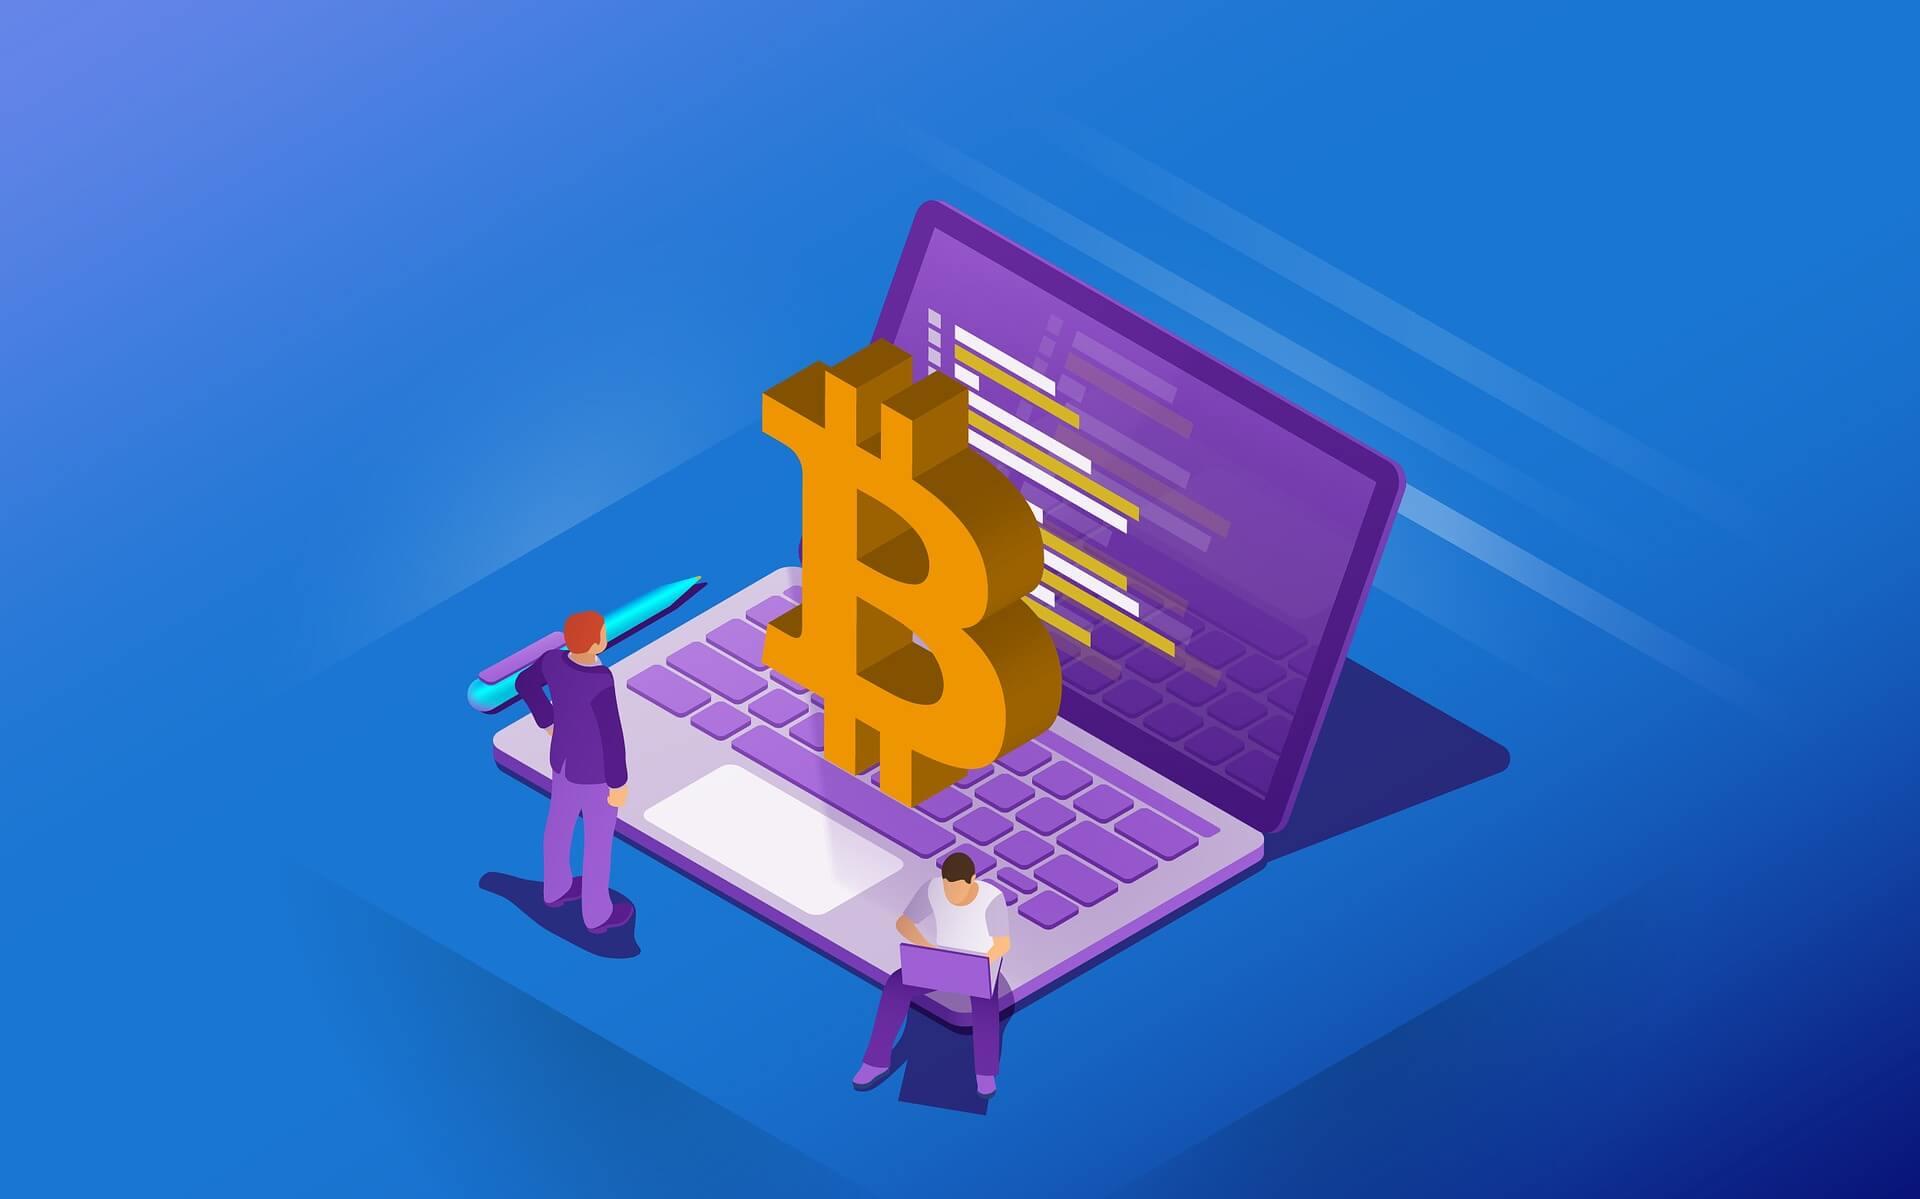 Bitcoin market cap - bigger than Intel or Coca-Cola